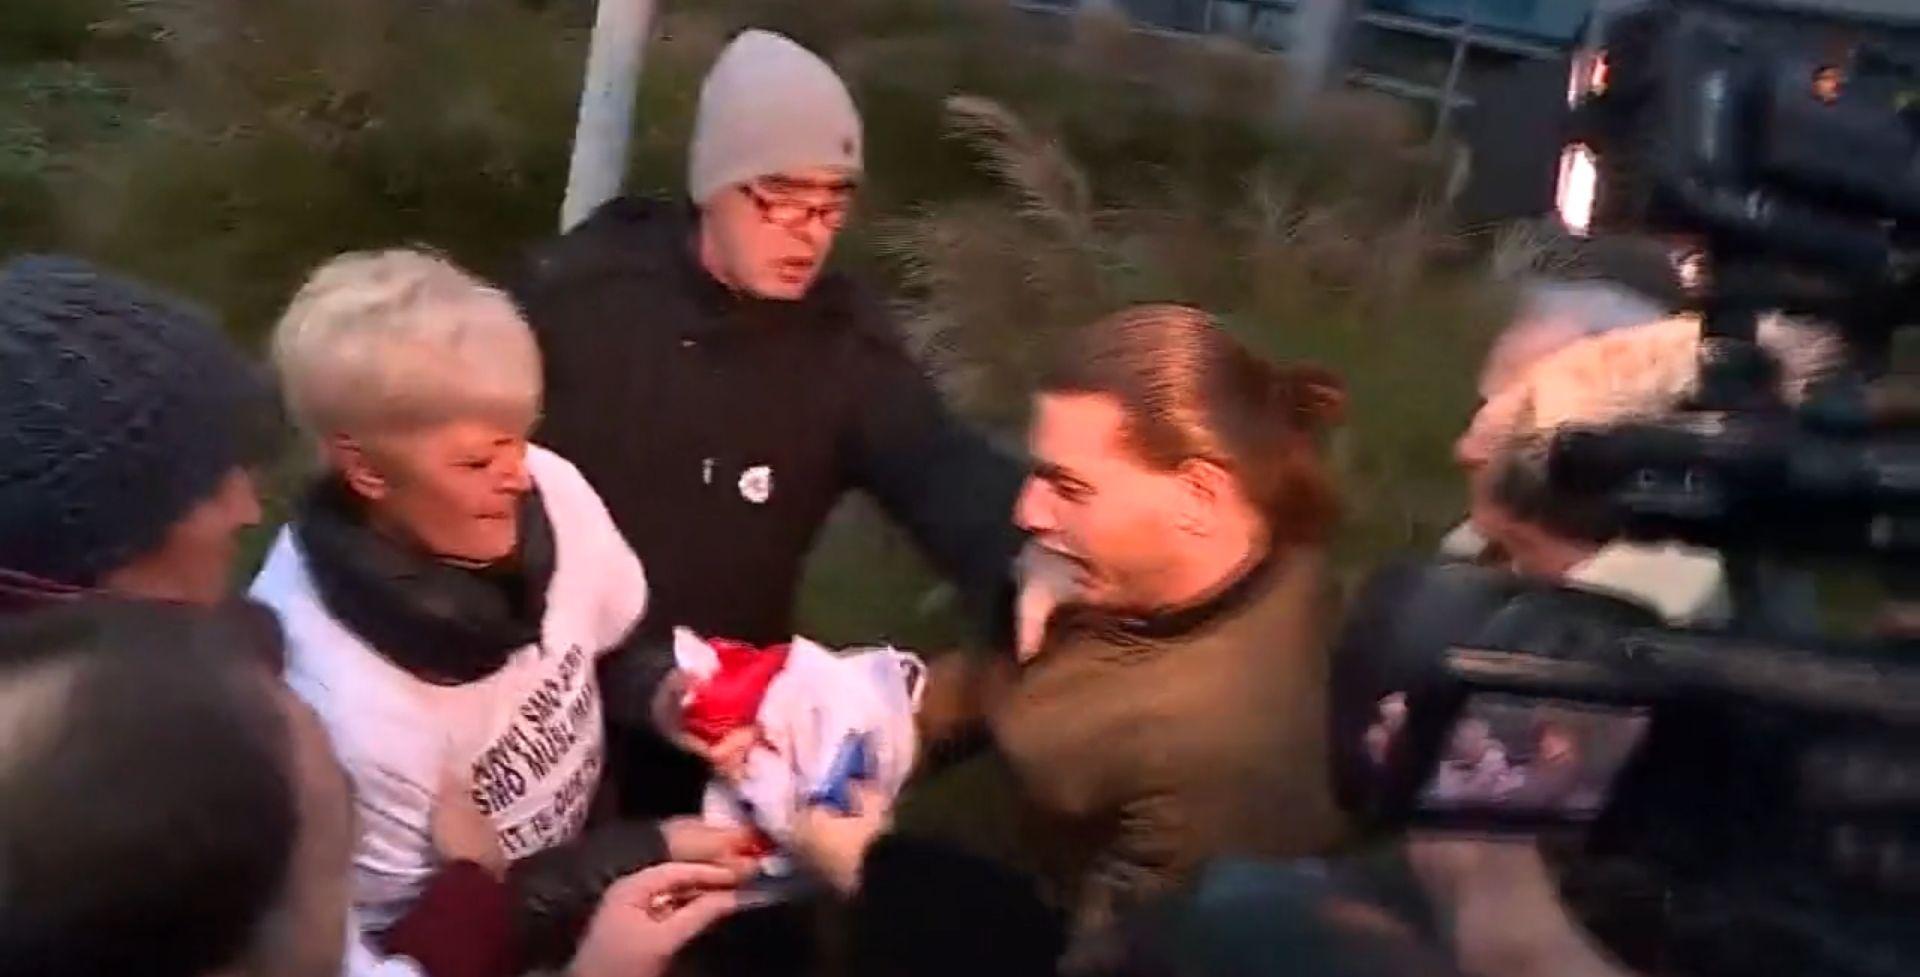 INCIDENT PRED SUDOM U HAAGU Muškarac se pojavio sa srpskom zastavom, došlo do naguravanja